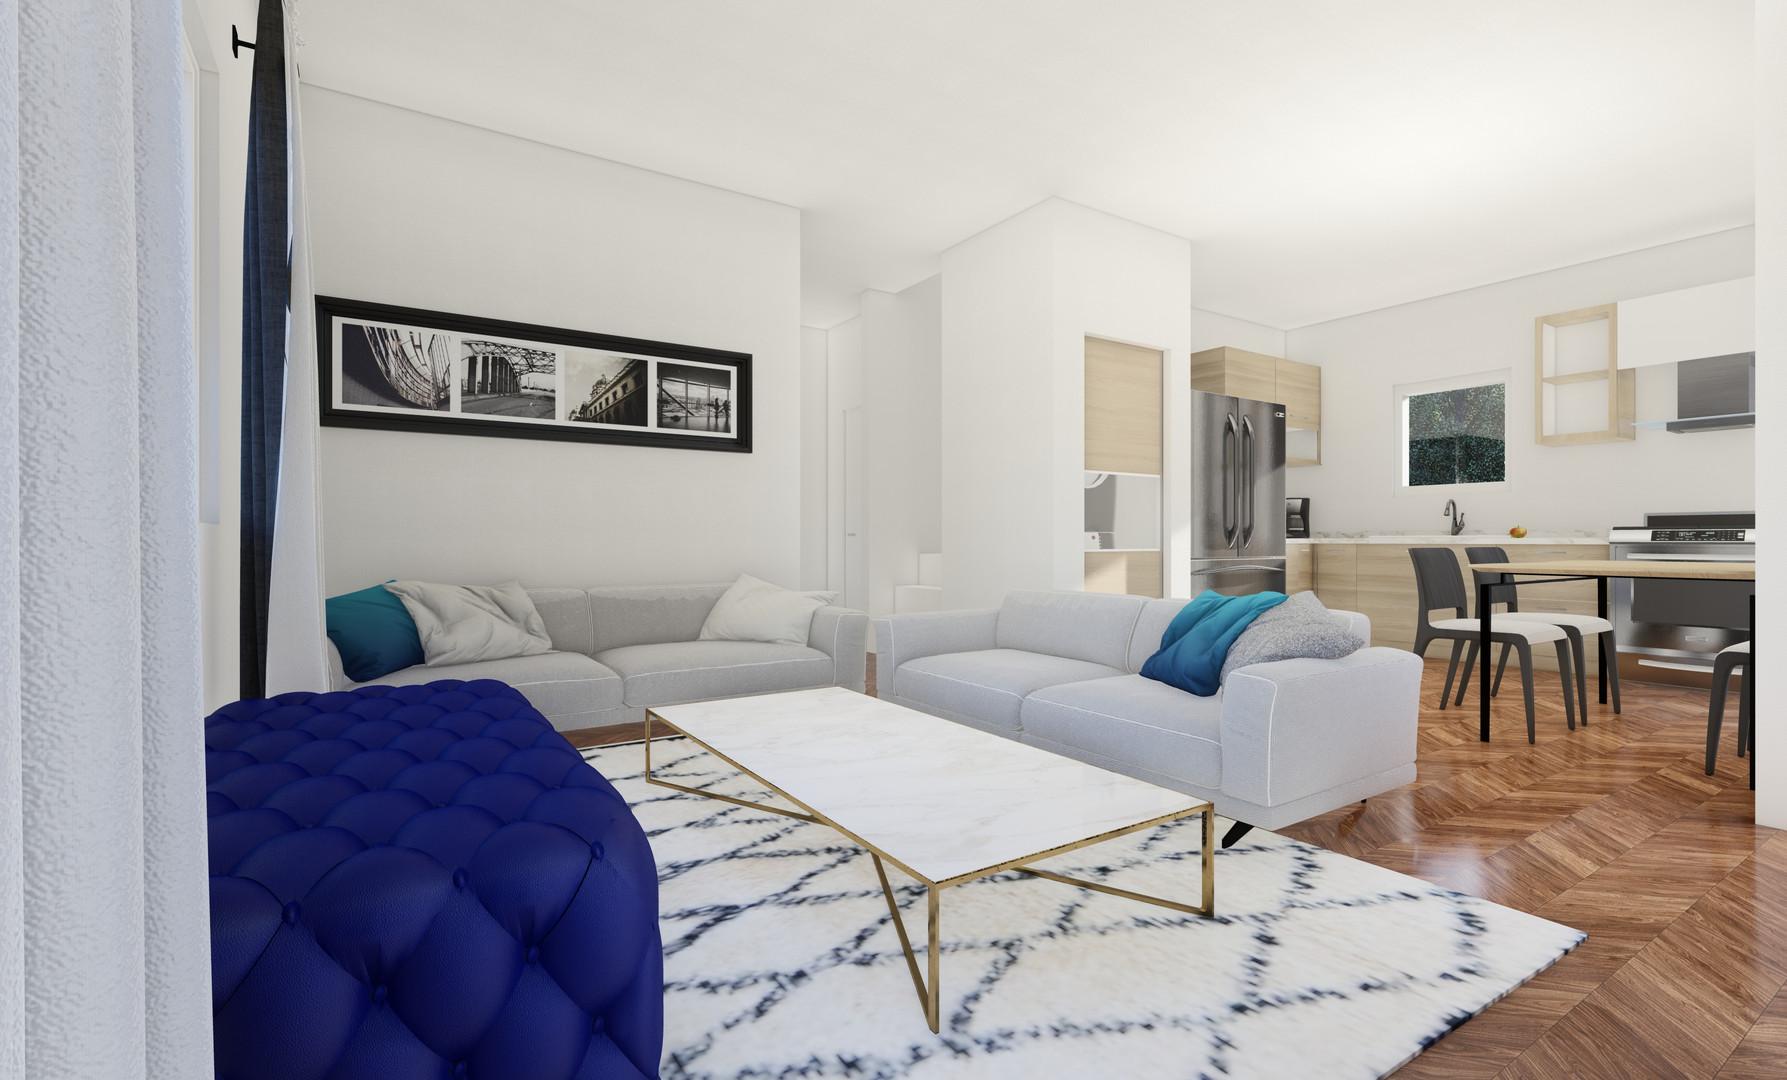 Mockupsecond floor living room.jpg